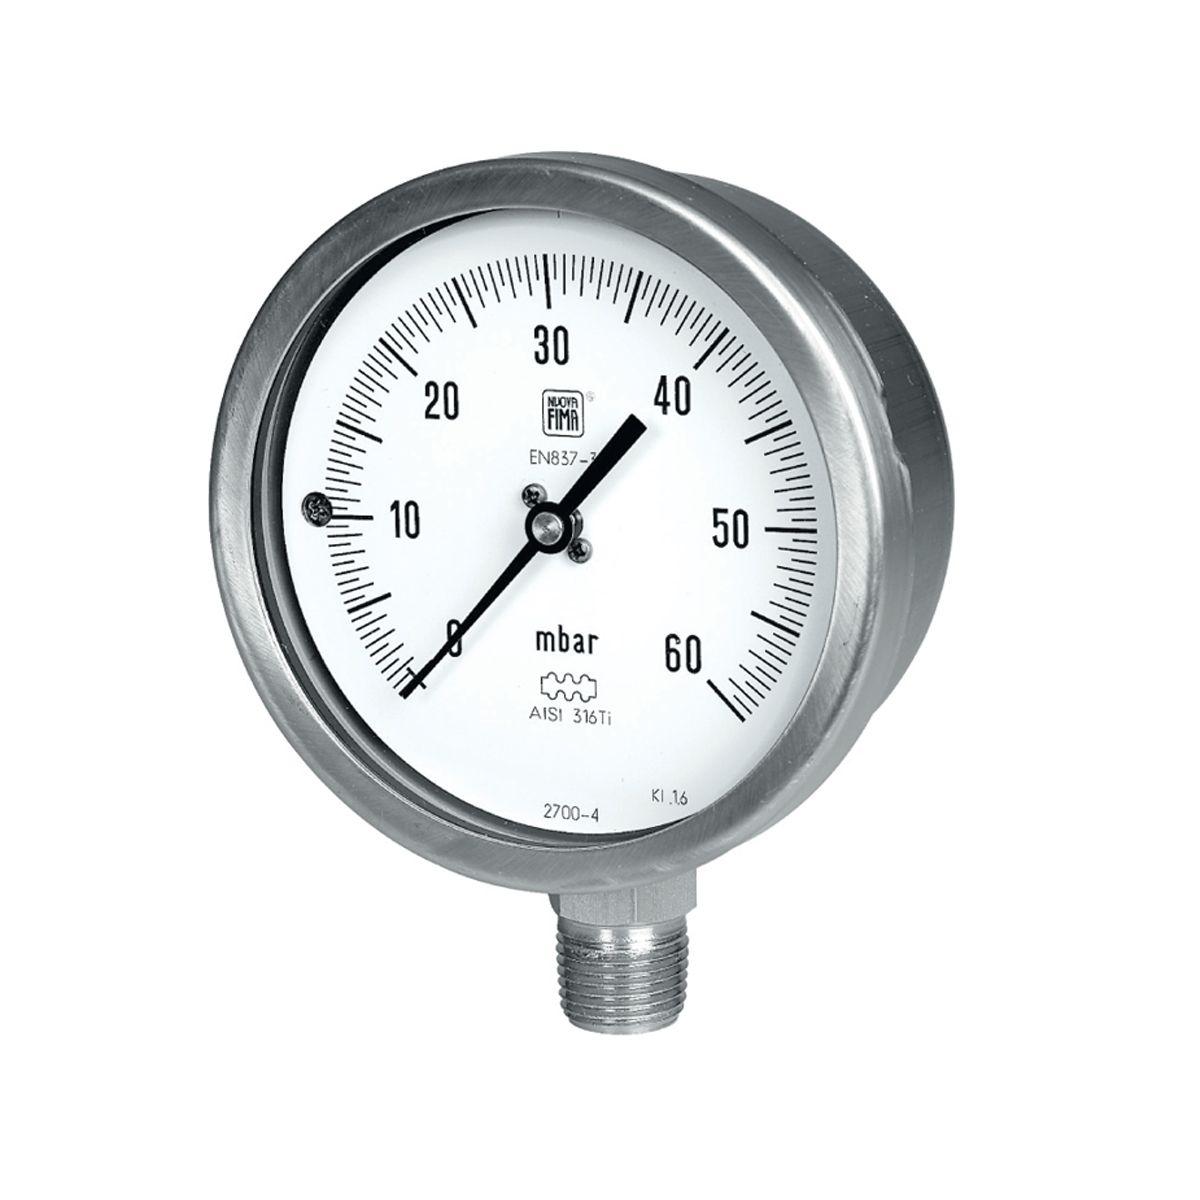 Manómetro de baja presión de la marca NuovaFima